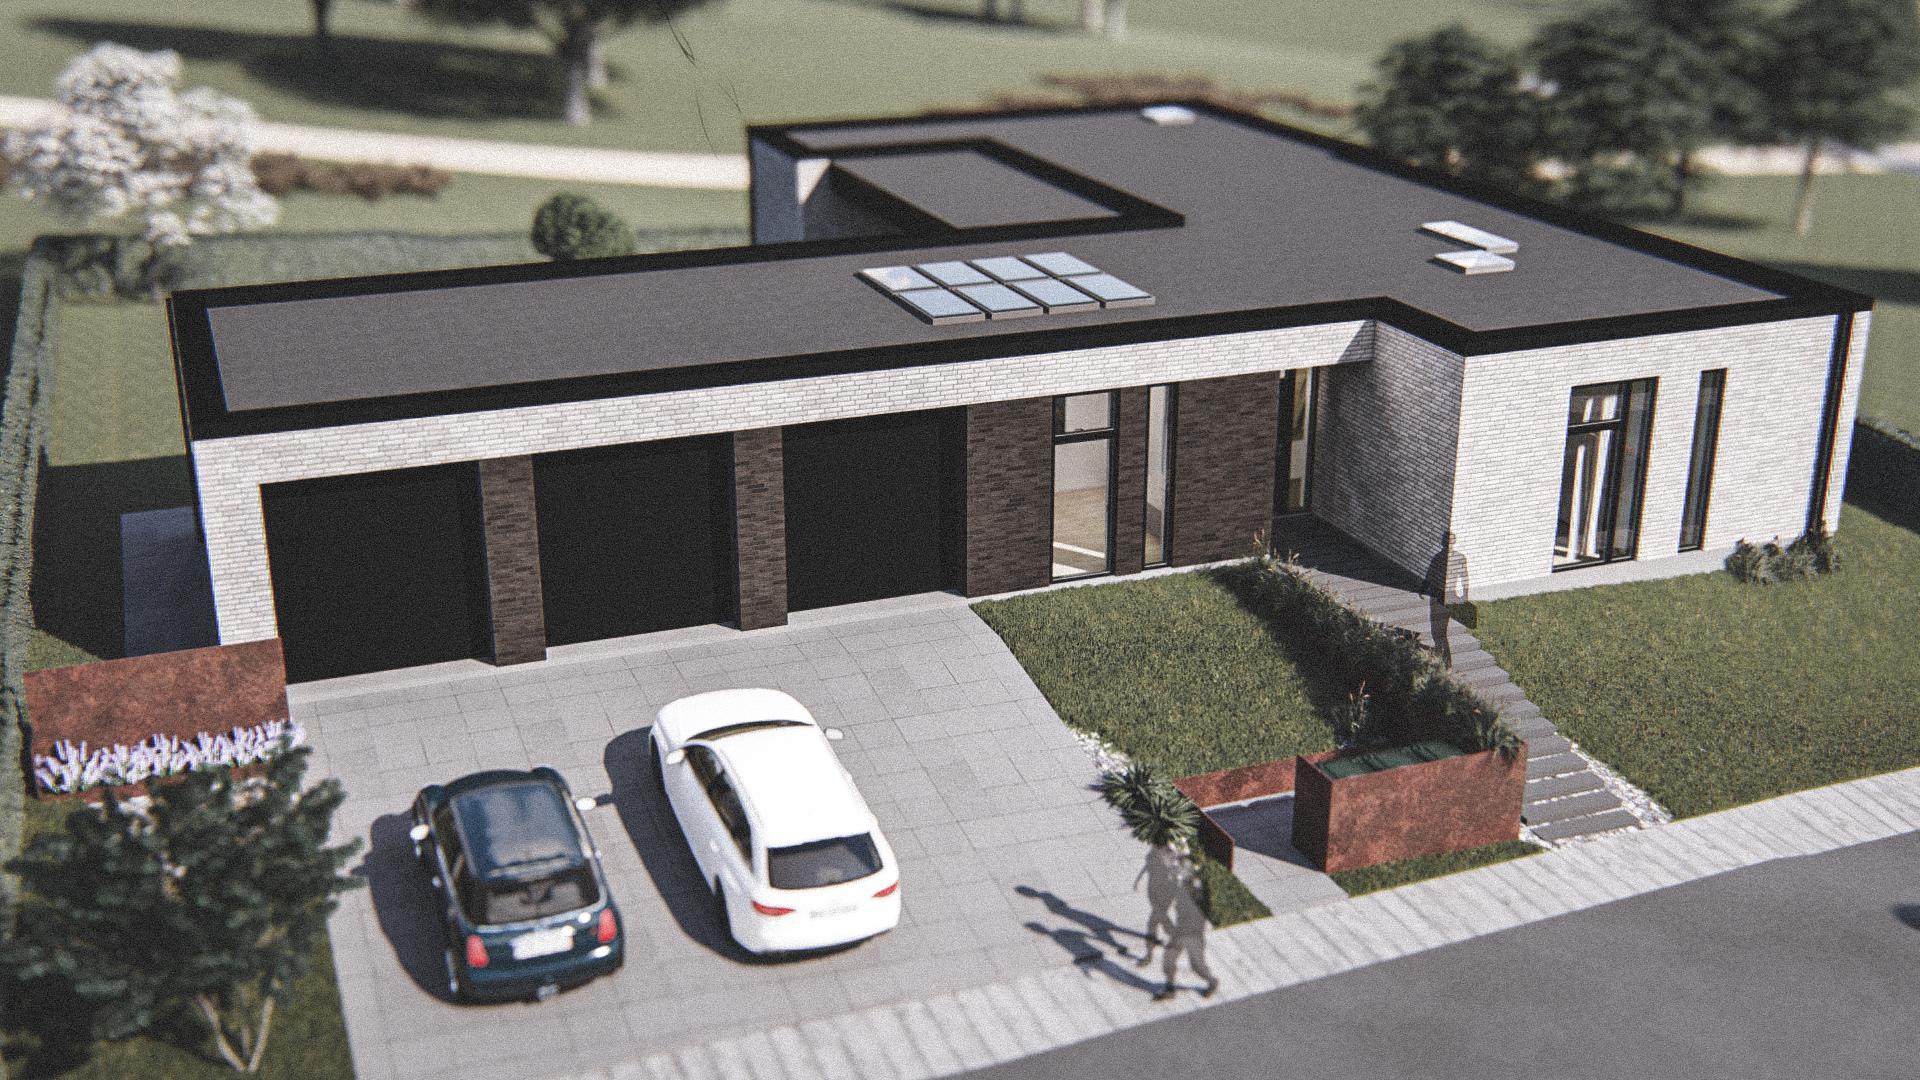 Billede af Dansk arkitekttegnet 1 plan villa af arkitektfirmaet m2plus, i Brønderslev på 208 kvartratmeter.